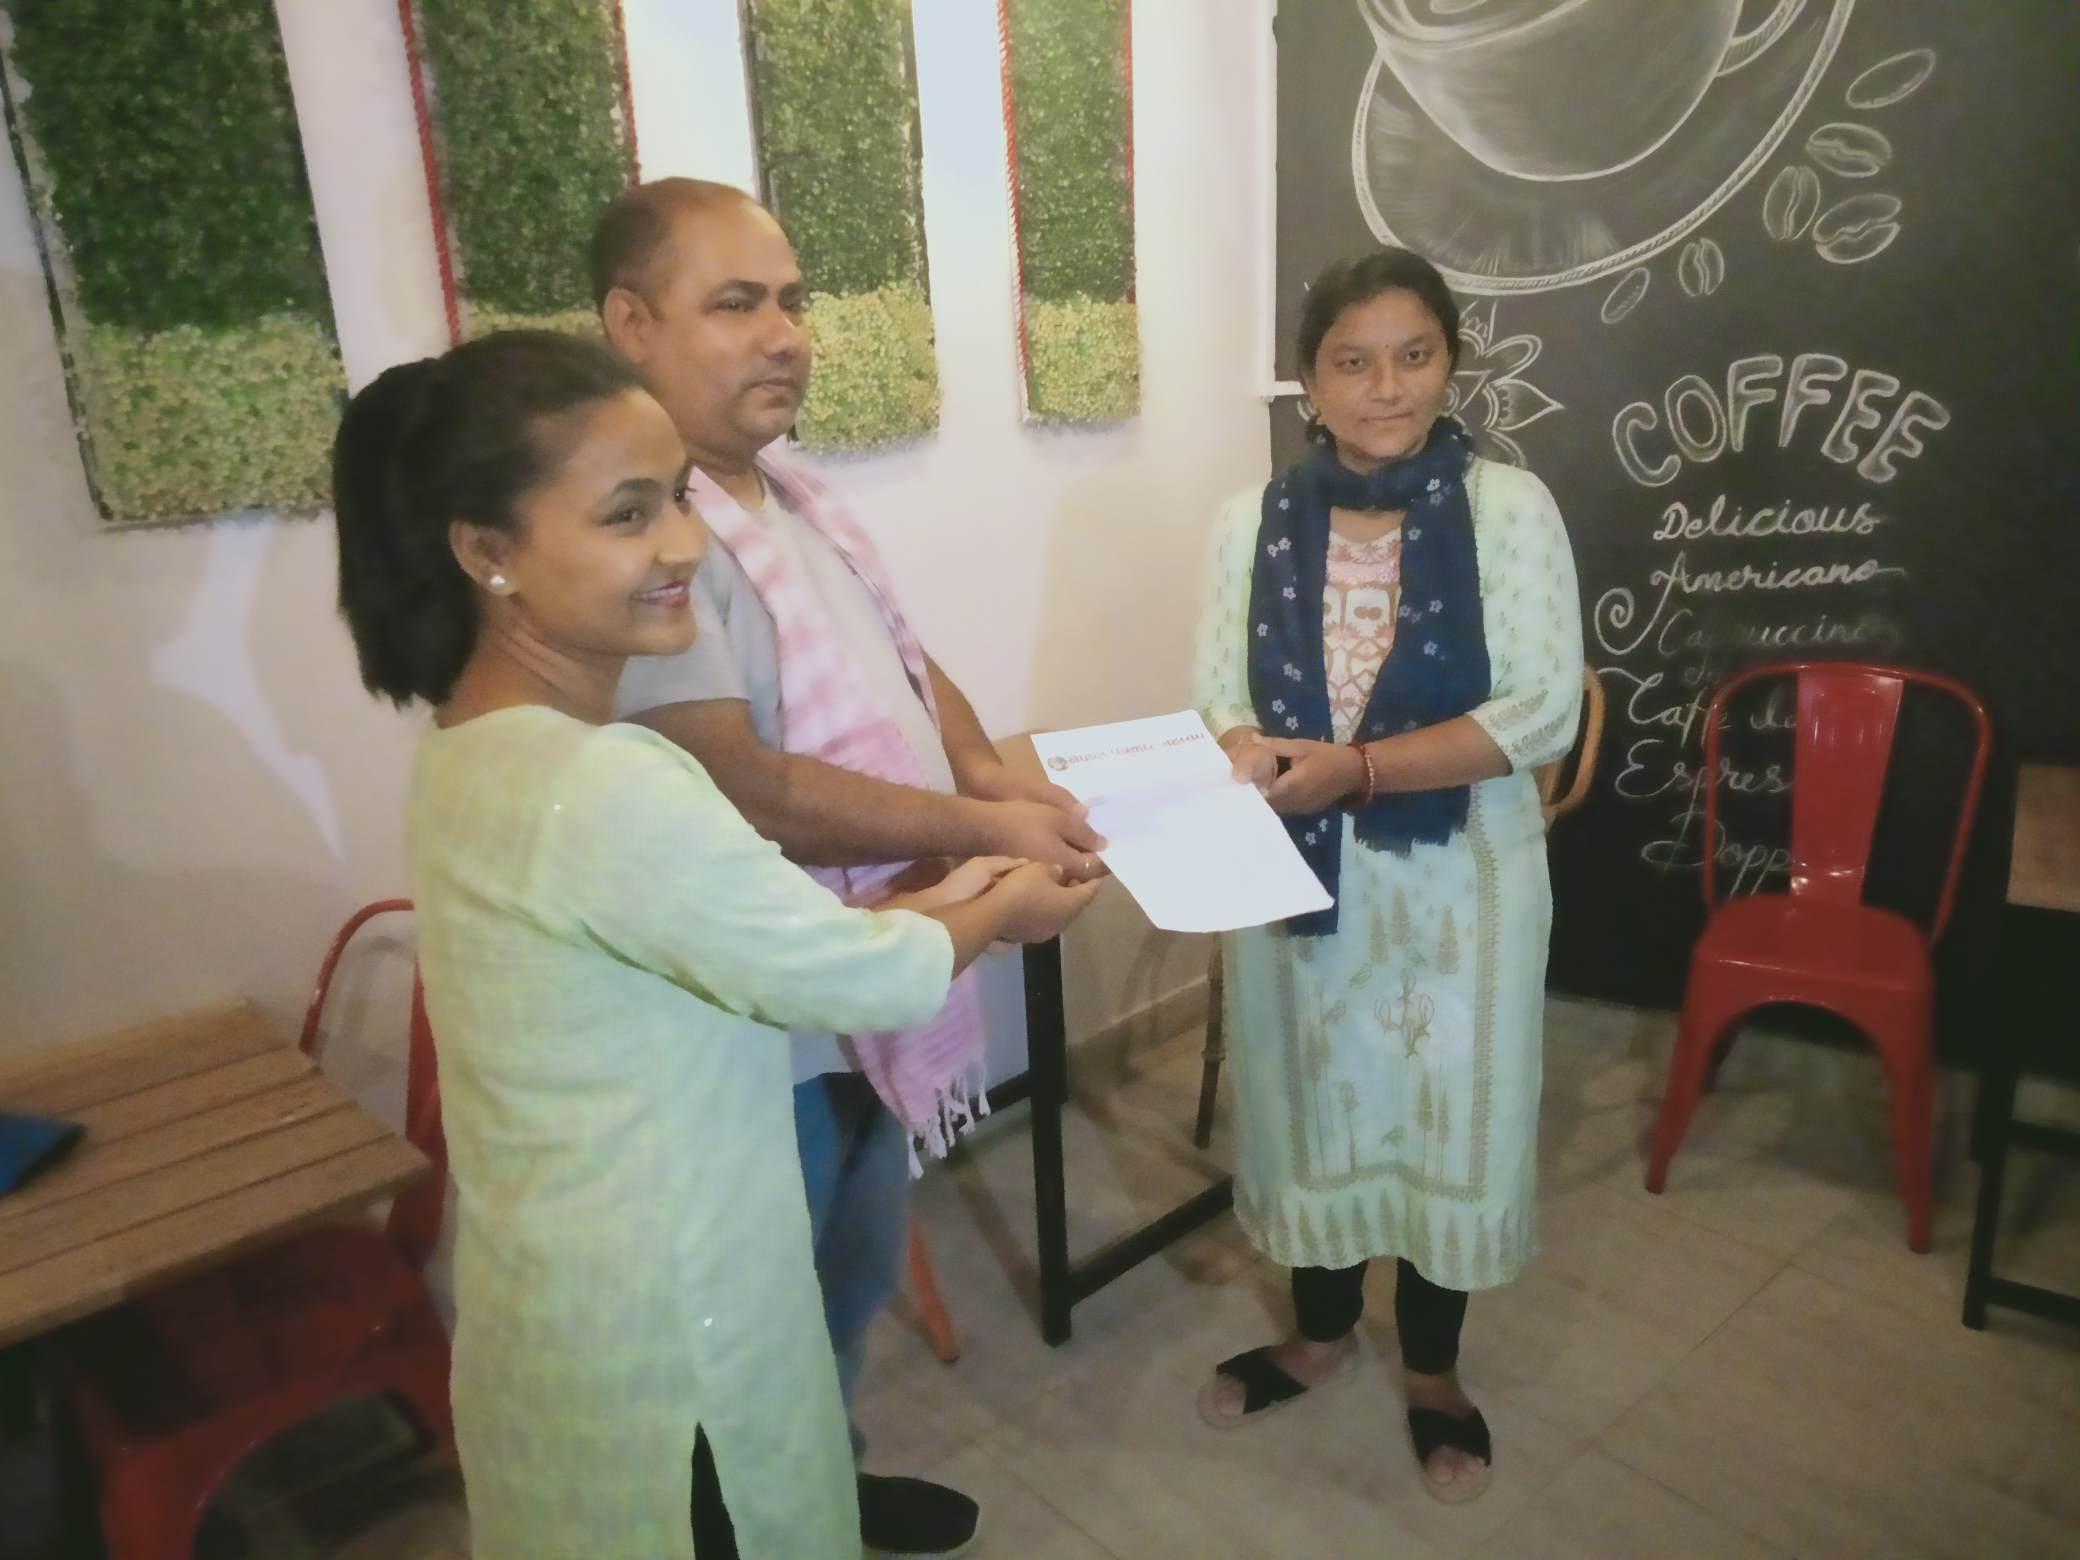 लुम्बिनी प्रदेशका २५ जना पत्रकारले कोभिड वीमा वापतको रकम पाए